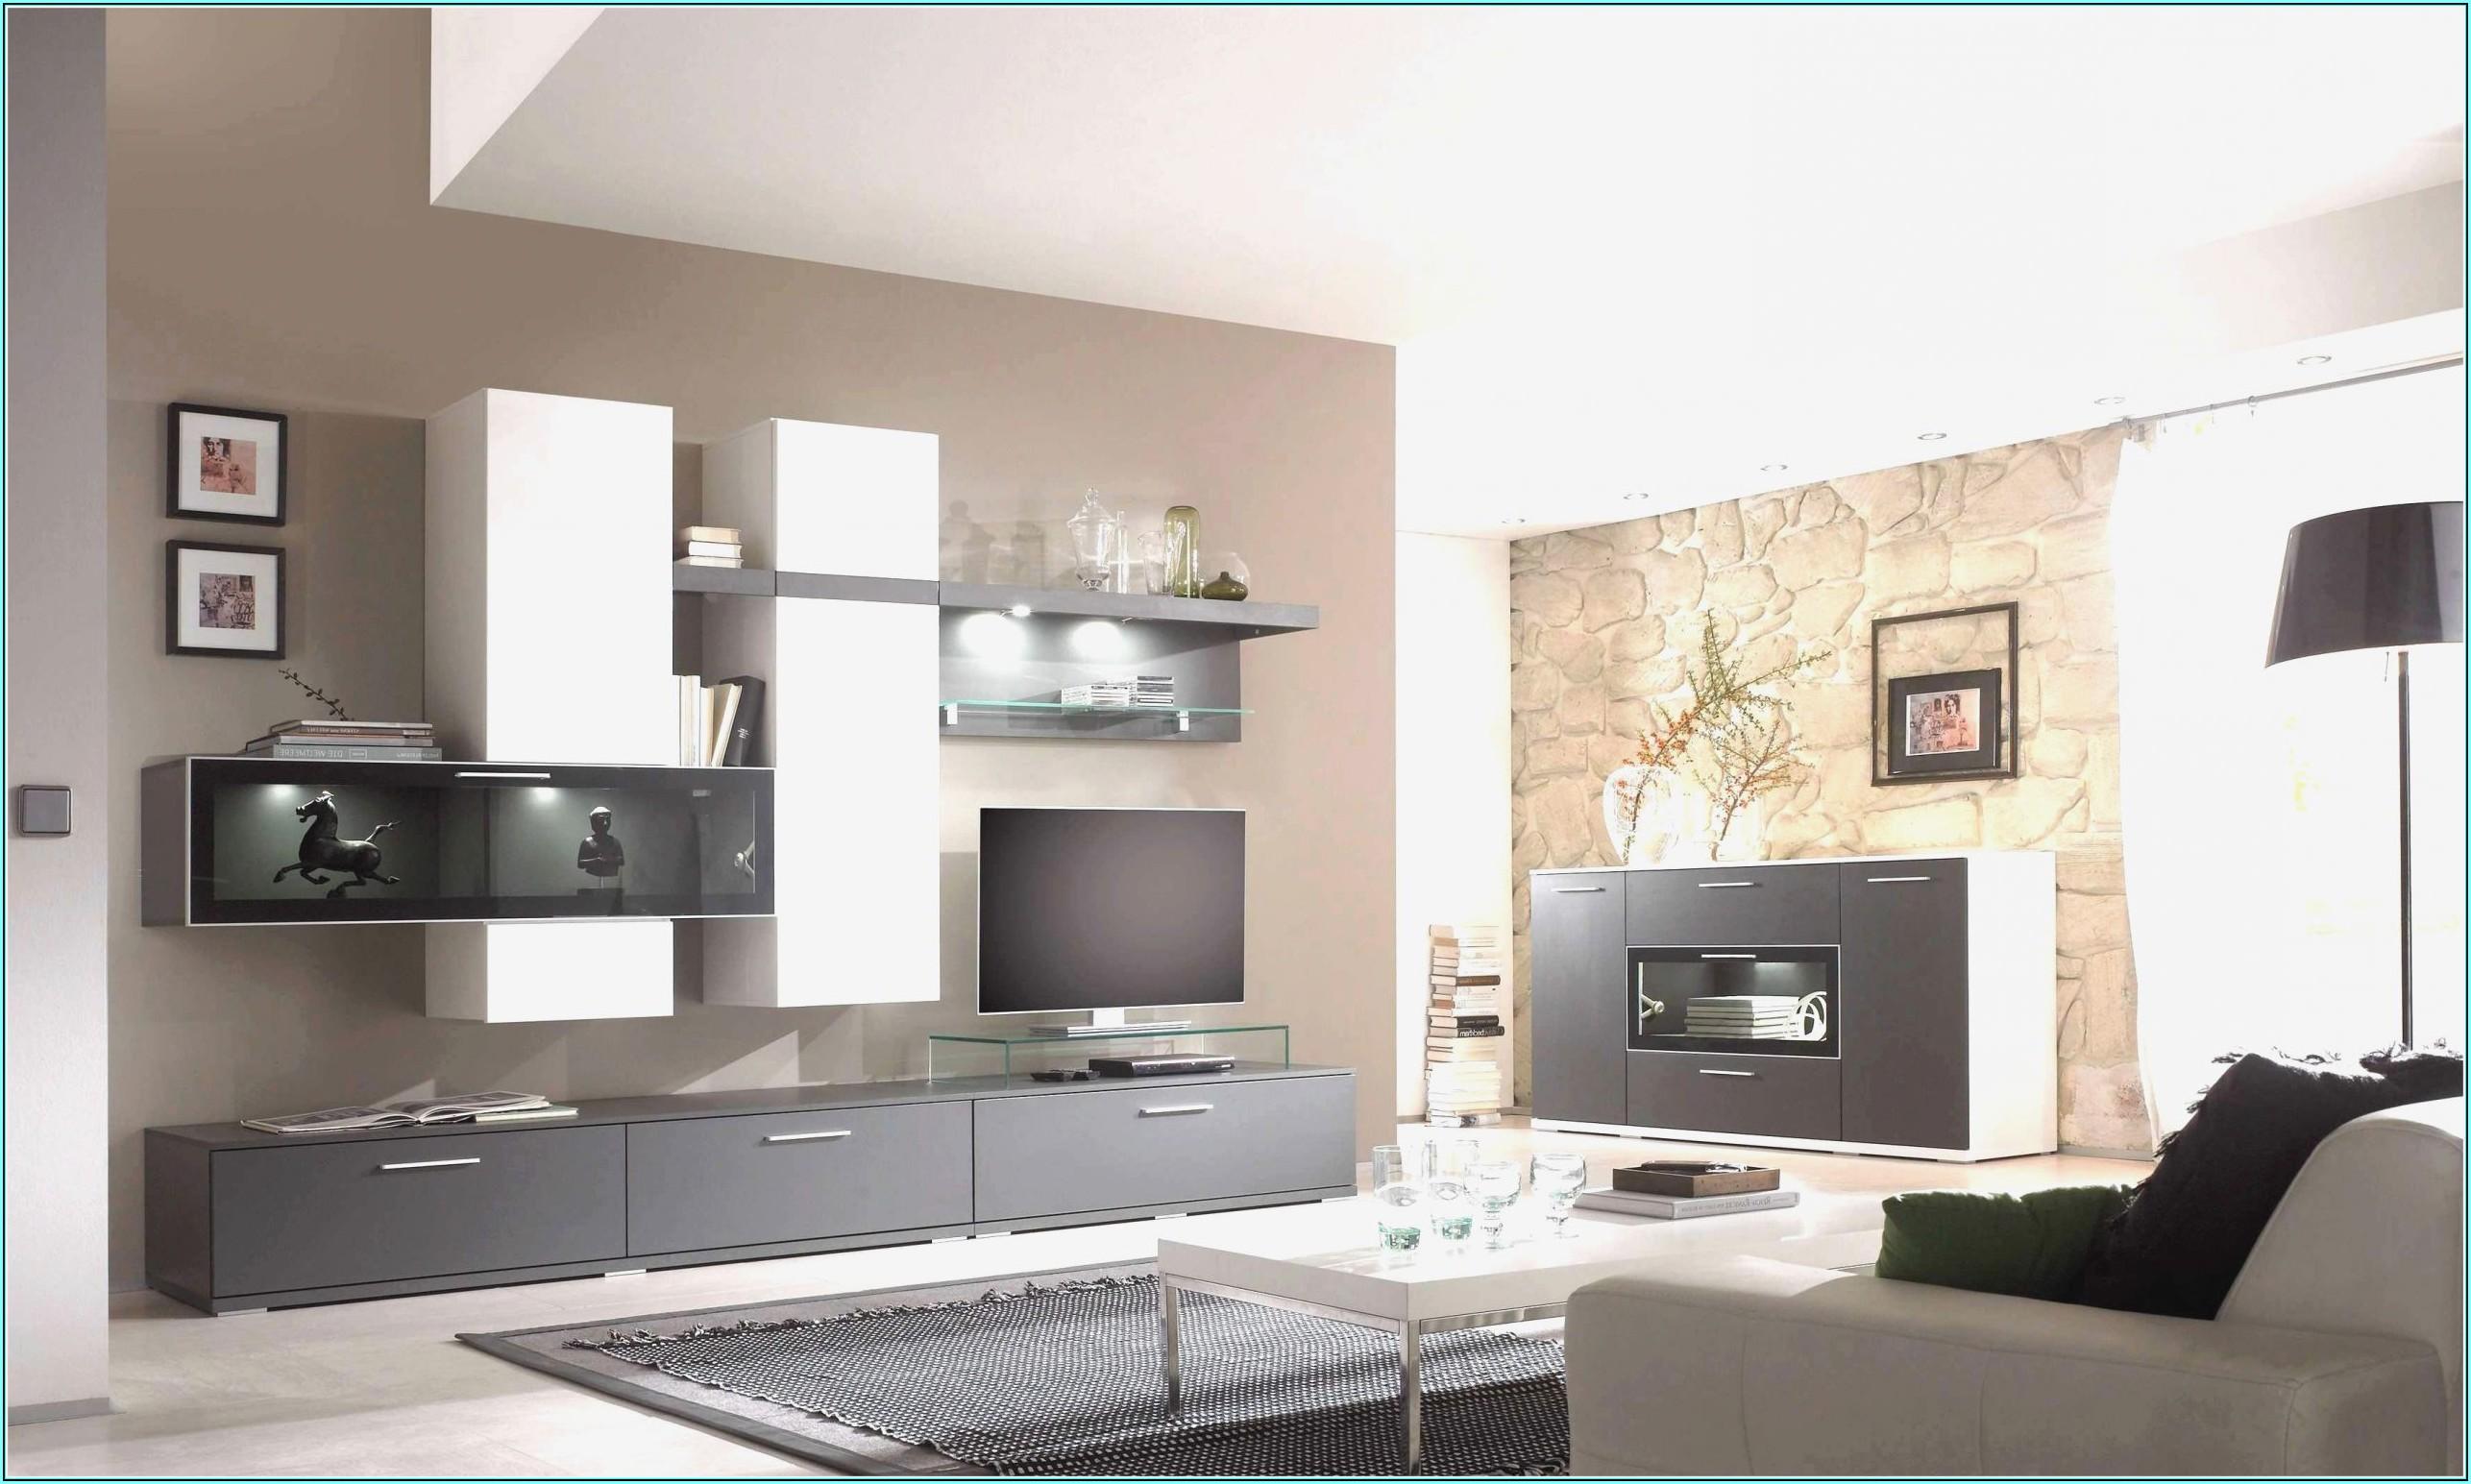 Wohnzimmer Ideen Schwarz Grau